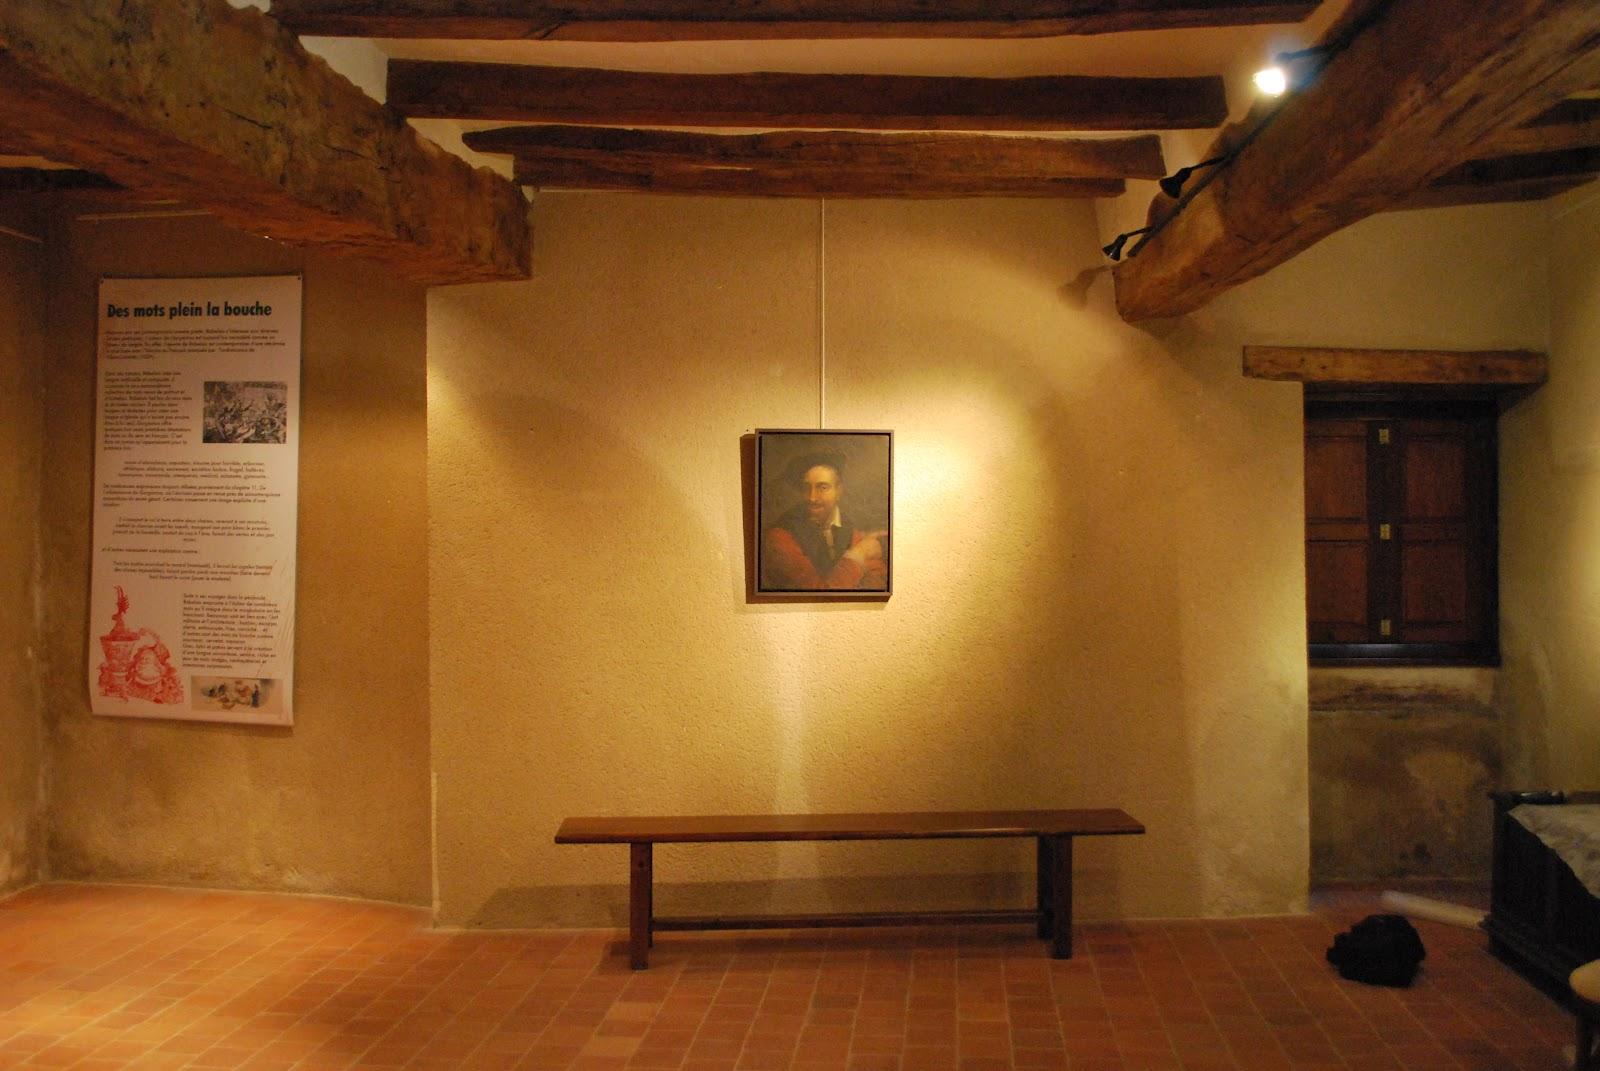 Visite d 39 atelier restauration d 39 oeuvres d 39 art - Accrochage tableaux au mur ...